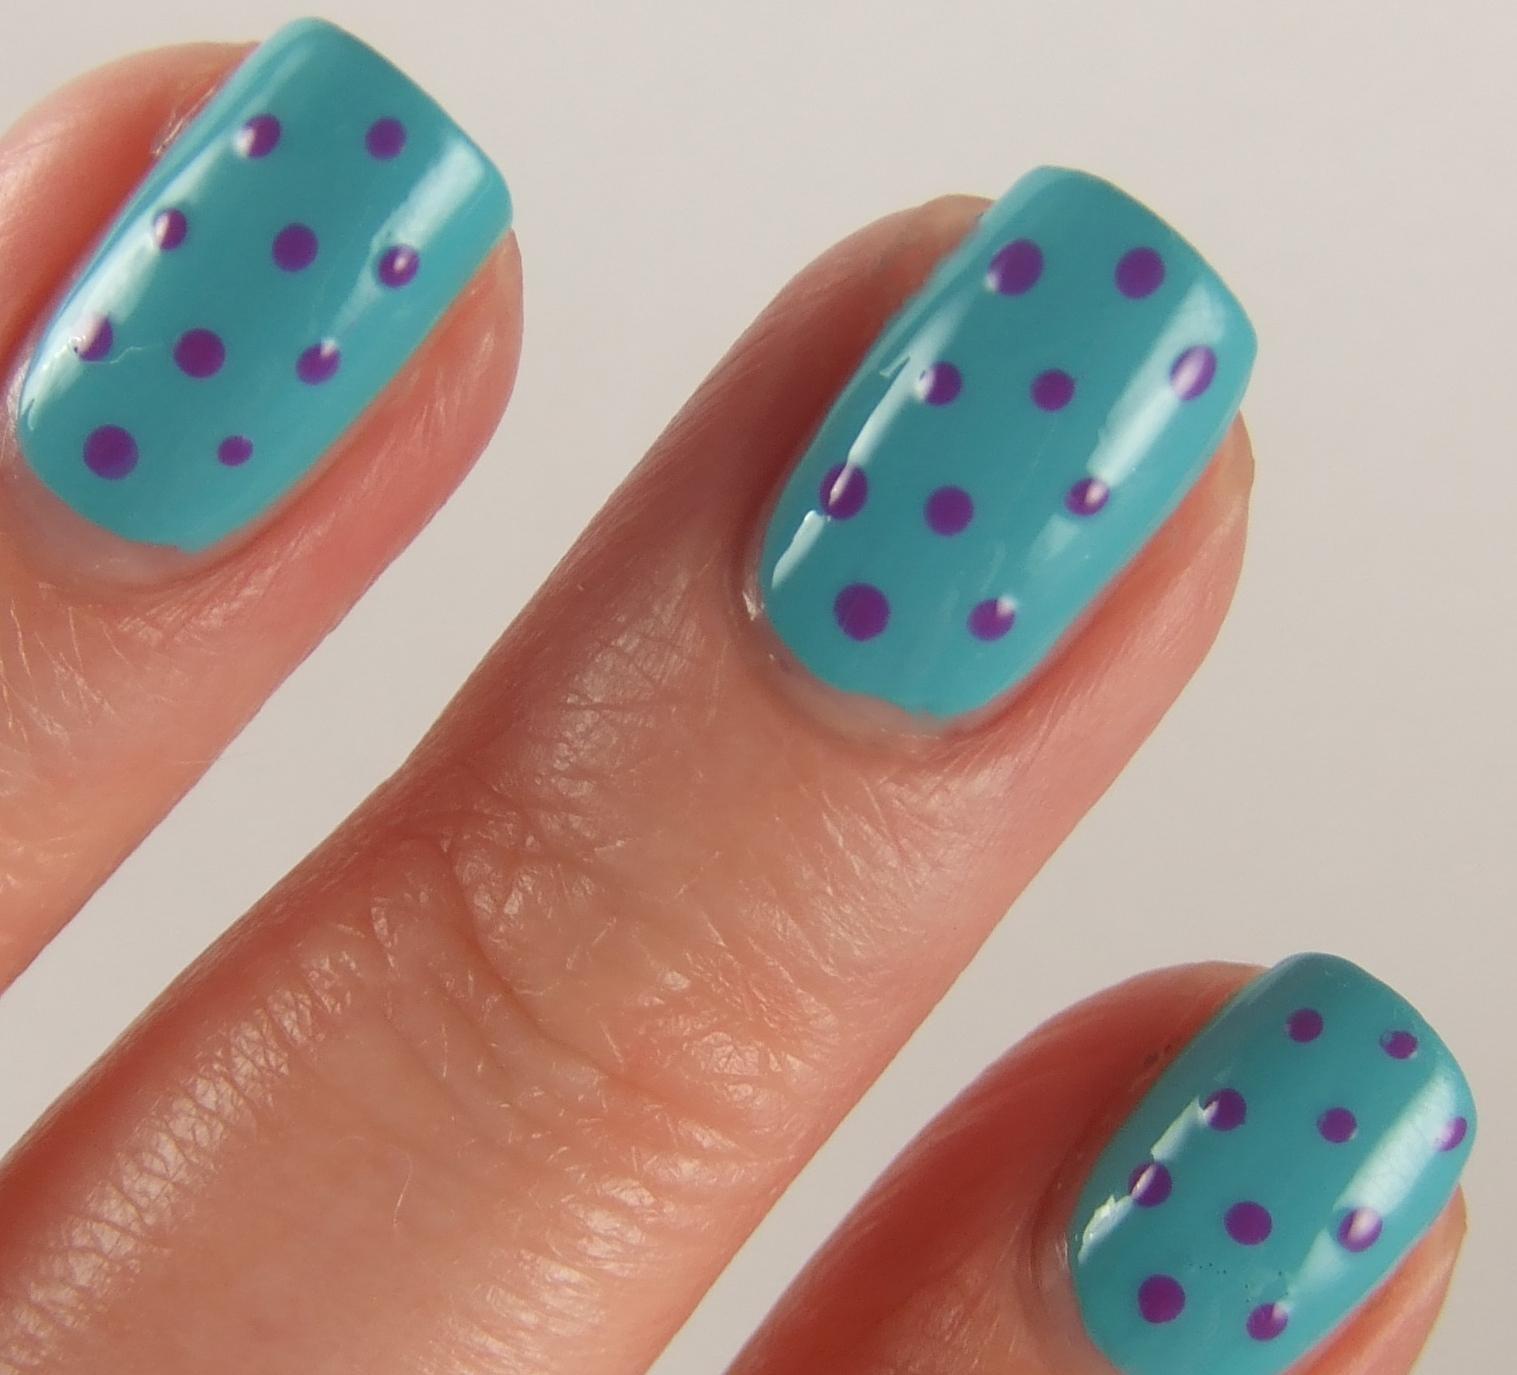 summer nails with polka dots